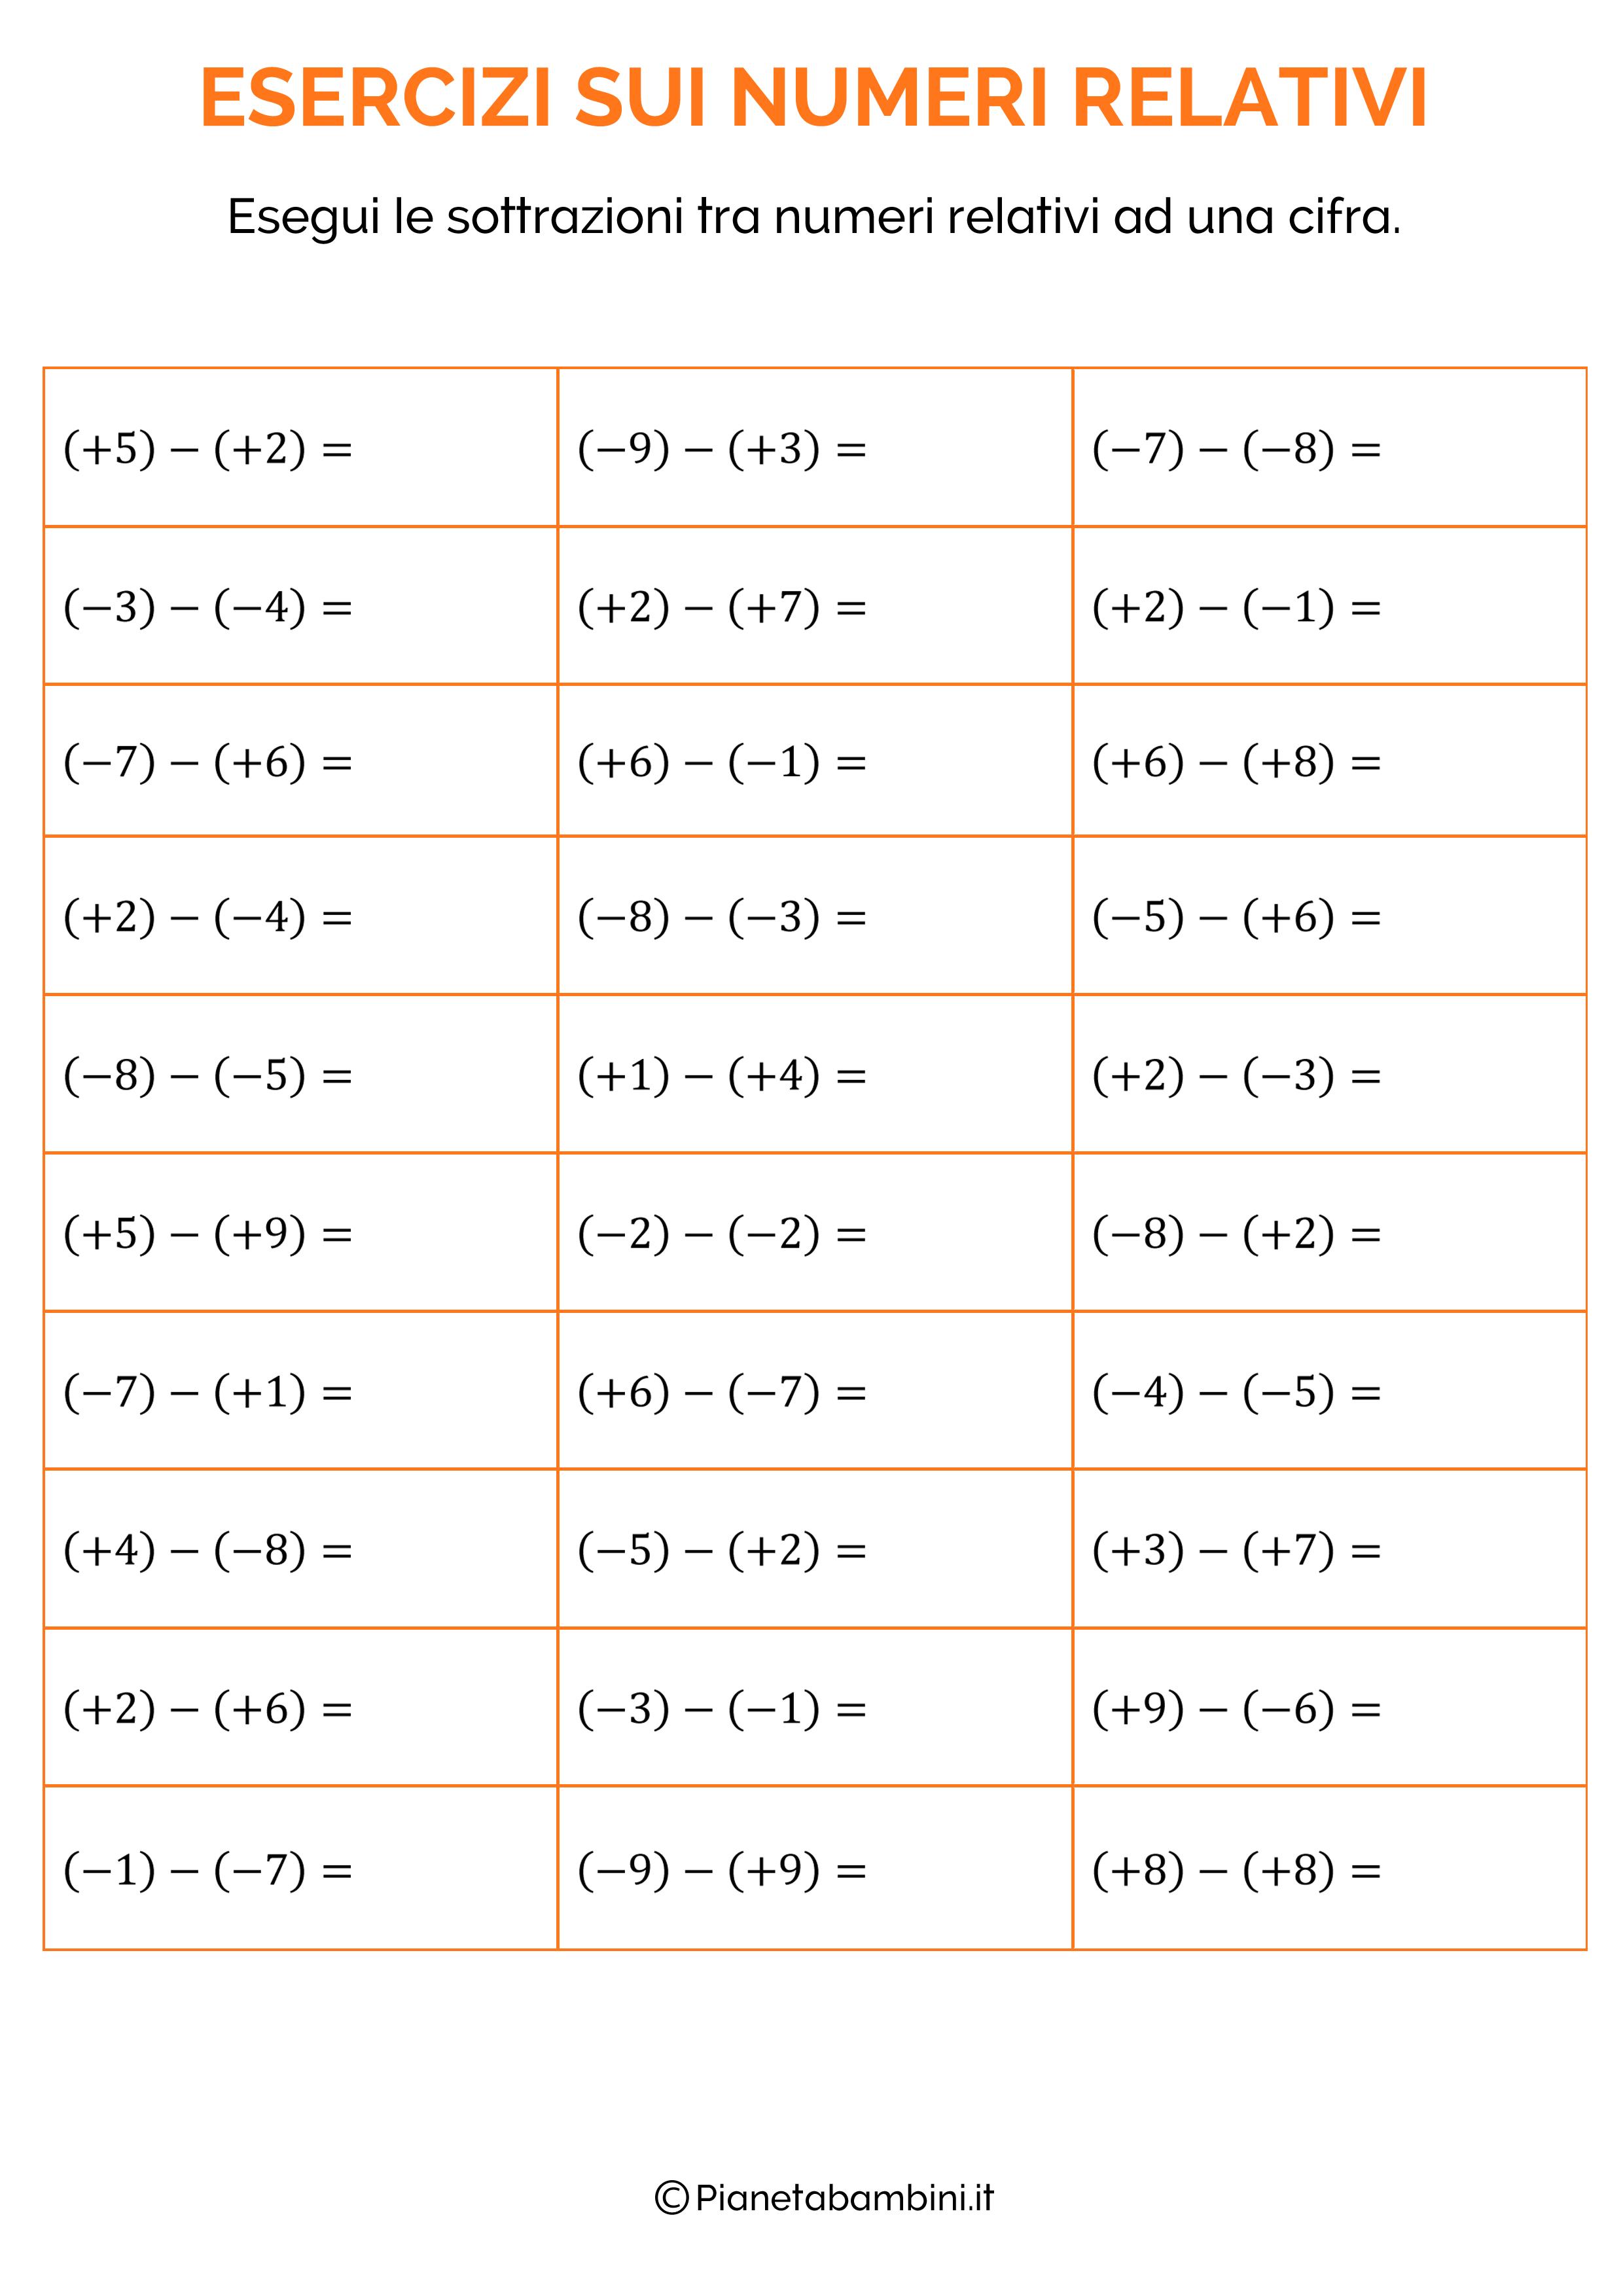 Sottrazioni tra numeri relativi